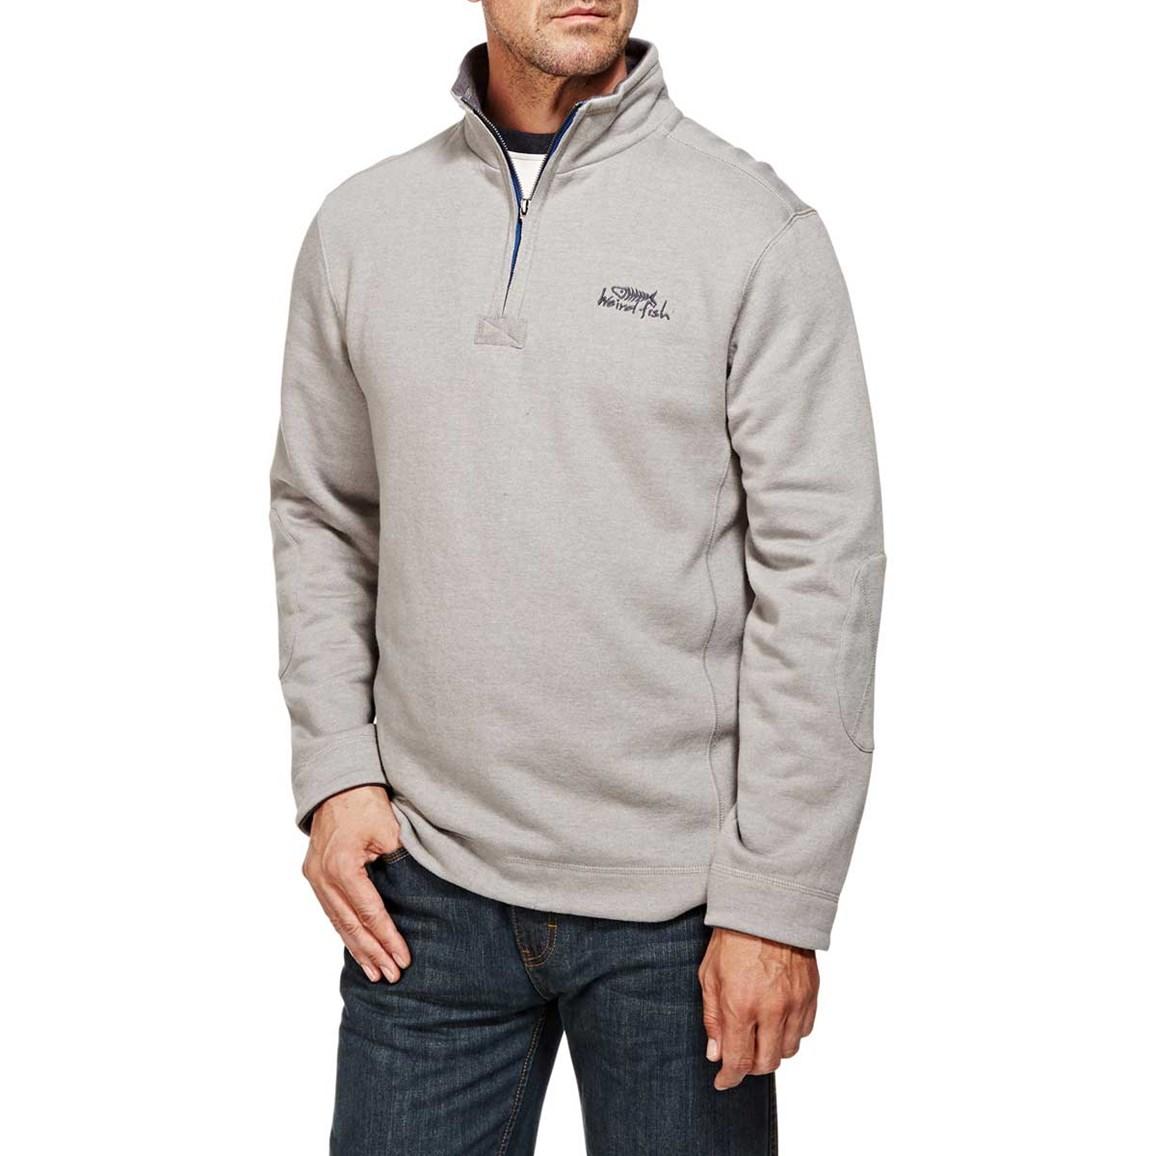 Hail Plain 1/4 Neck Zip Embroidered Sweatshirt Frost Grey